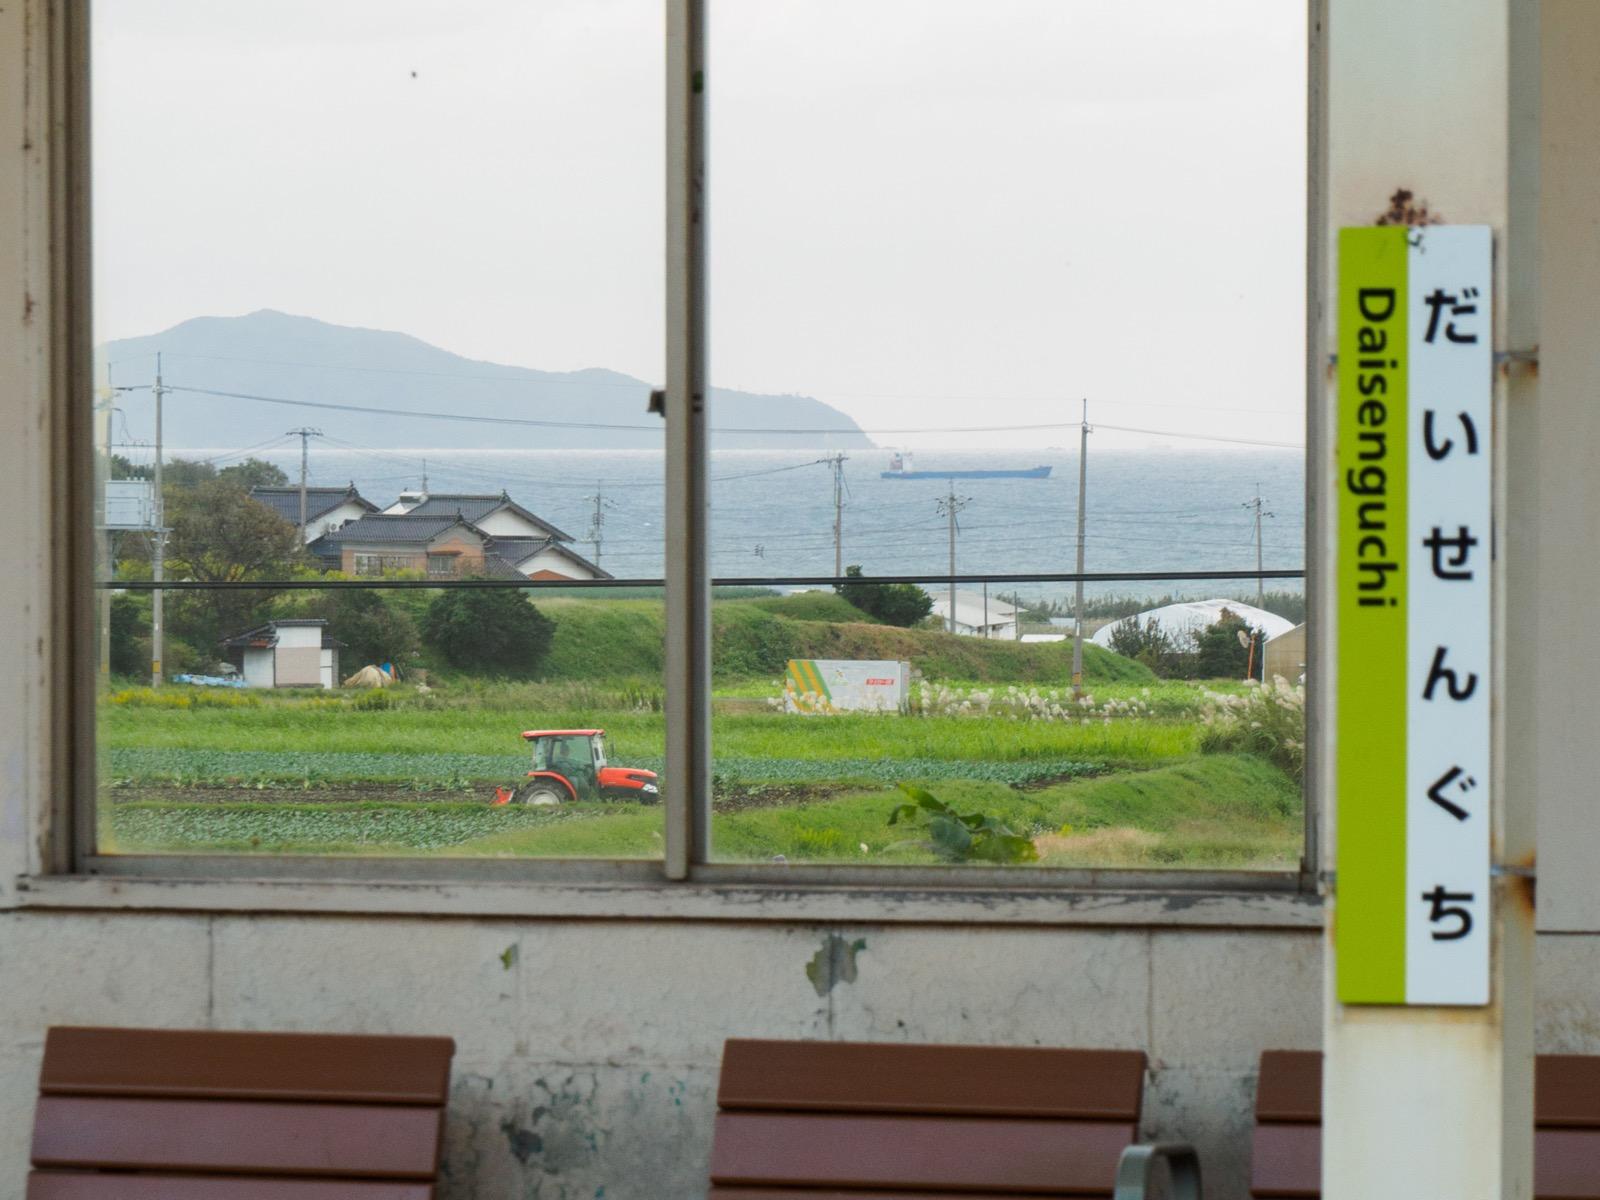 大山口駅の窓から見た美保湾と島根半島